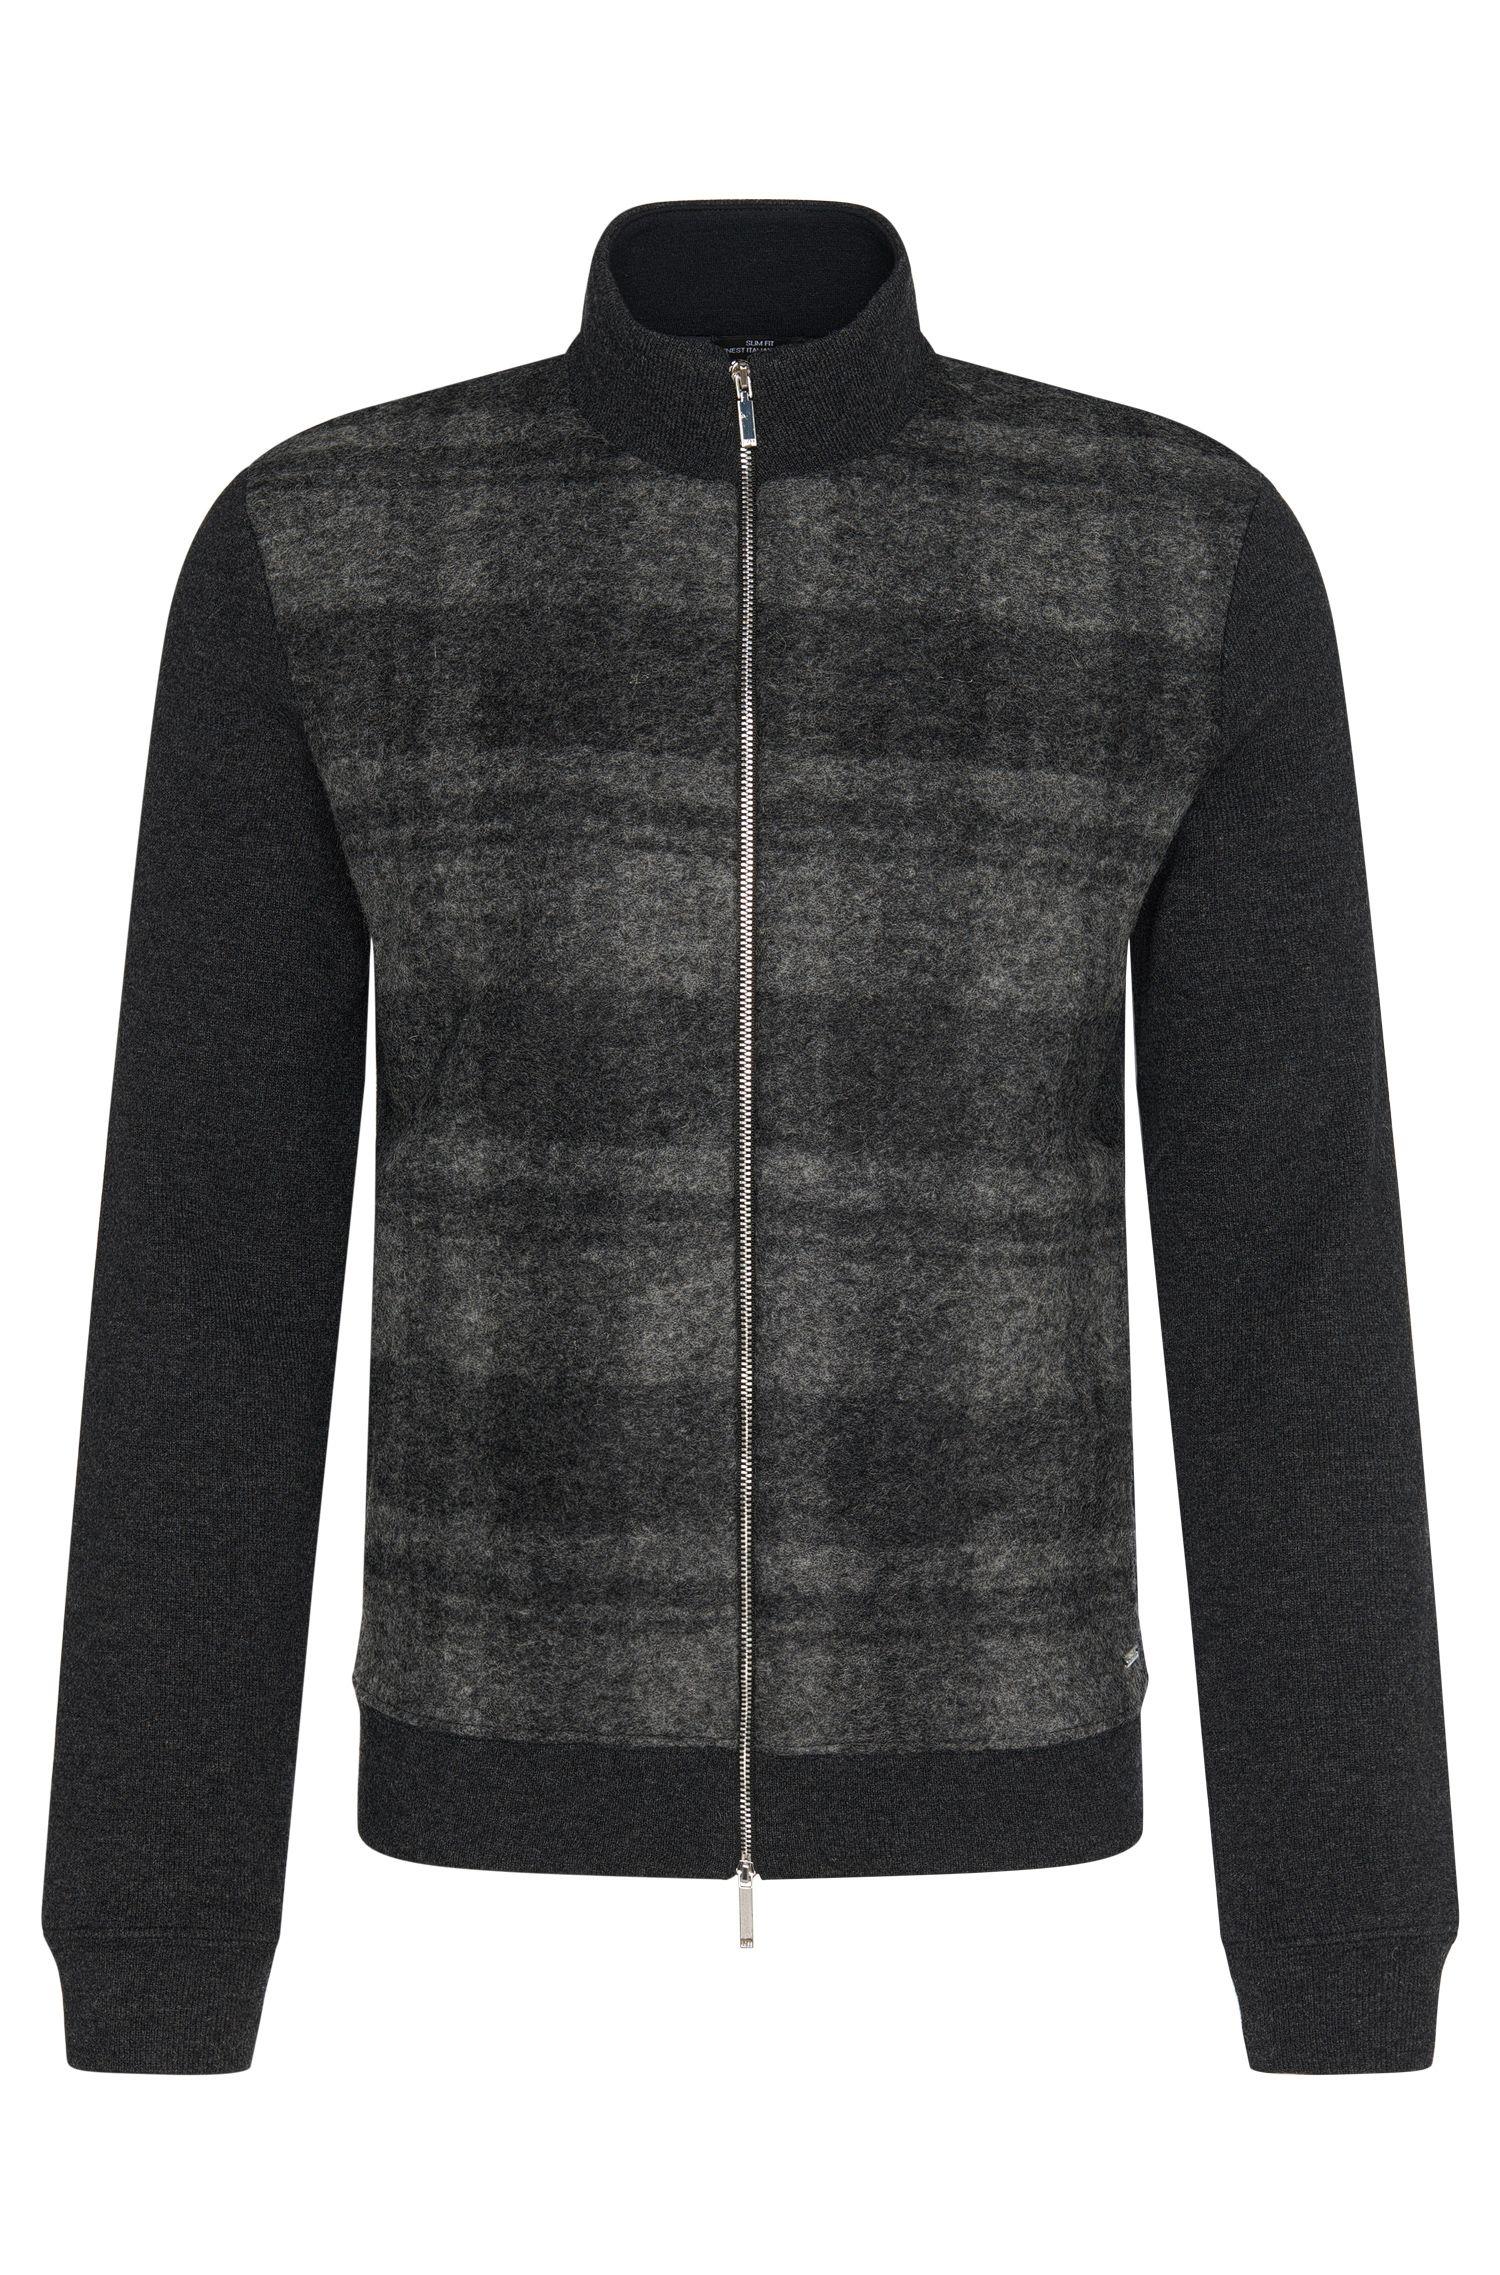 Mottled slim-fit sweatshirt jacket in wool blend with cotton: 'Soule 05'